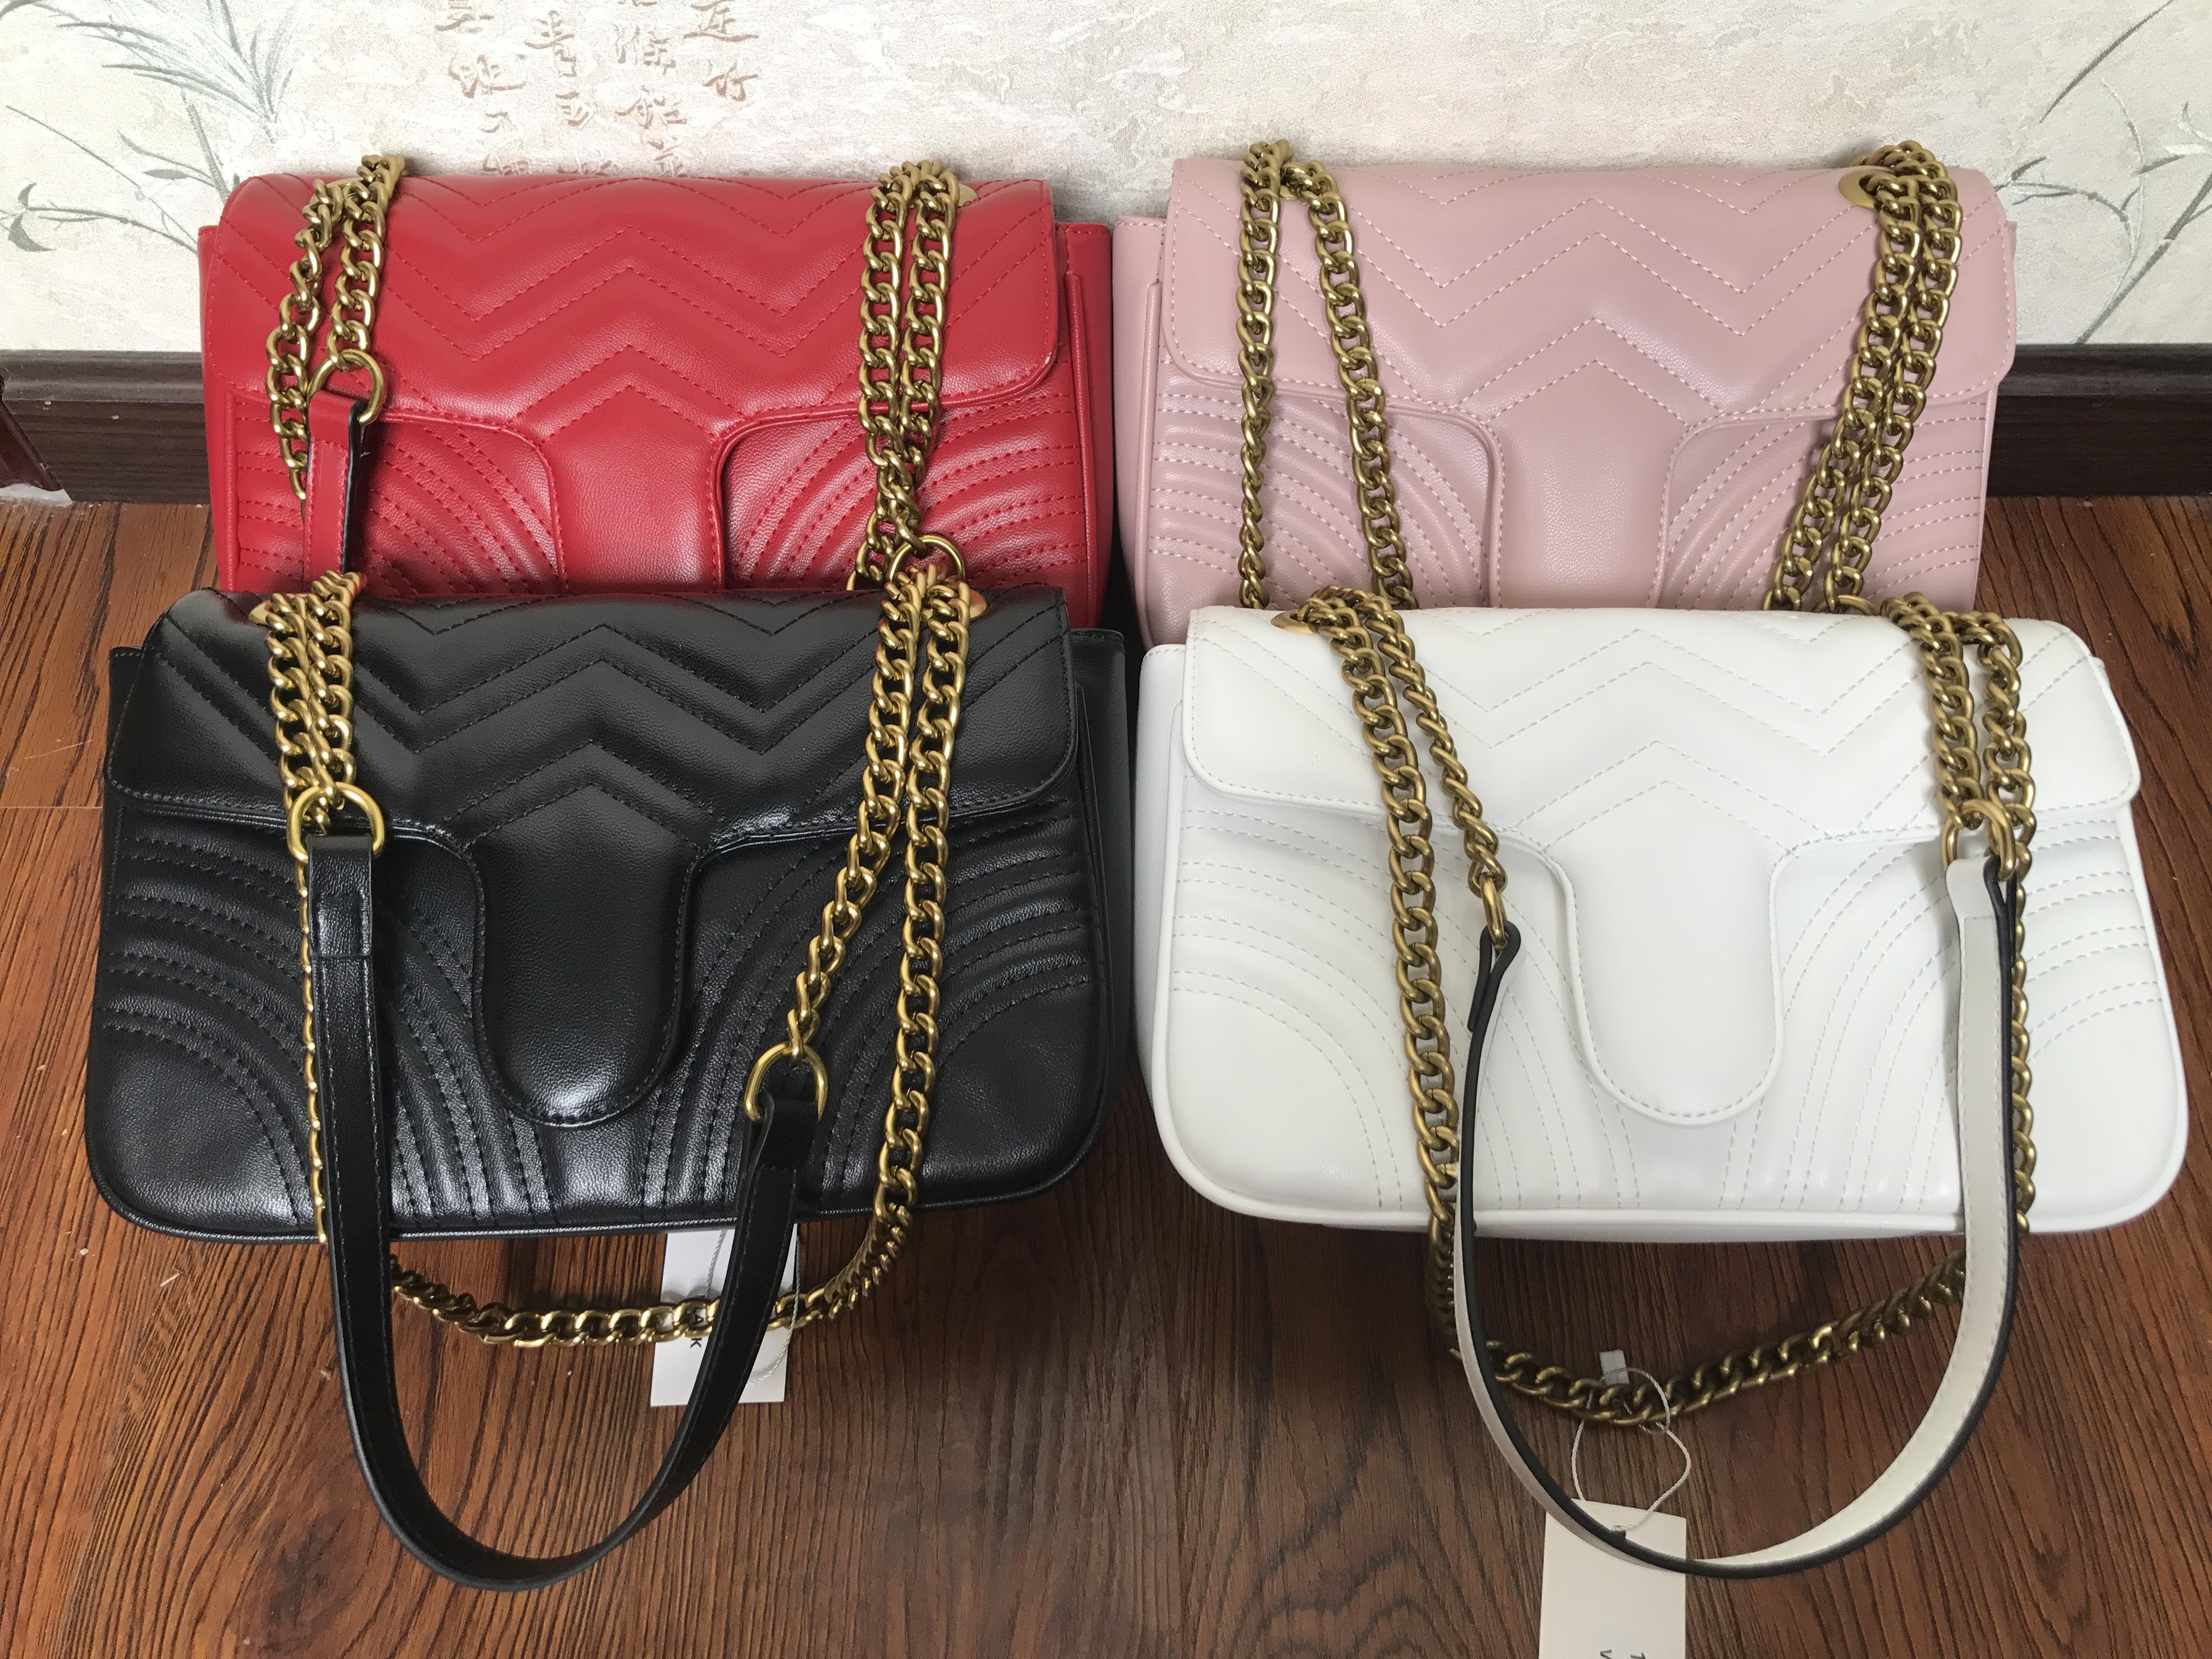 Alta calidad de la manera de las mujeres del bolso de hombro de la PU de plata oro del cuero y de la cadena de la astilla de Crossbody del bolso bolsa de mensajero femenino bolso de la carpeta 5 colores